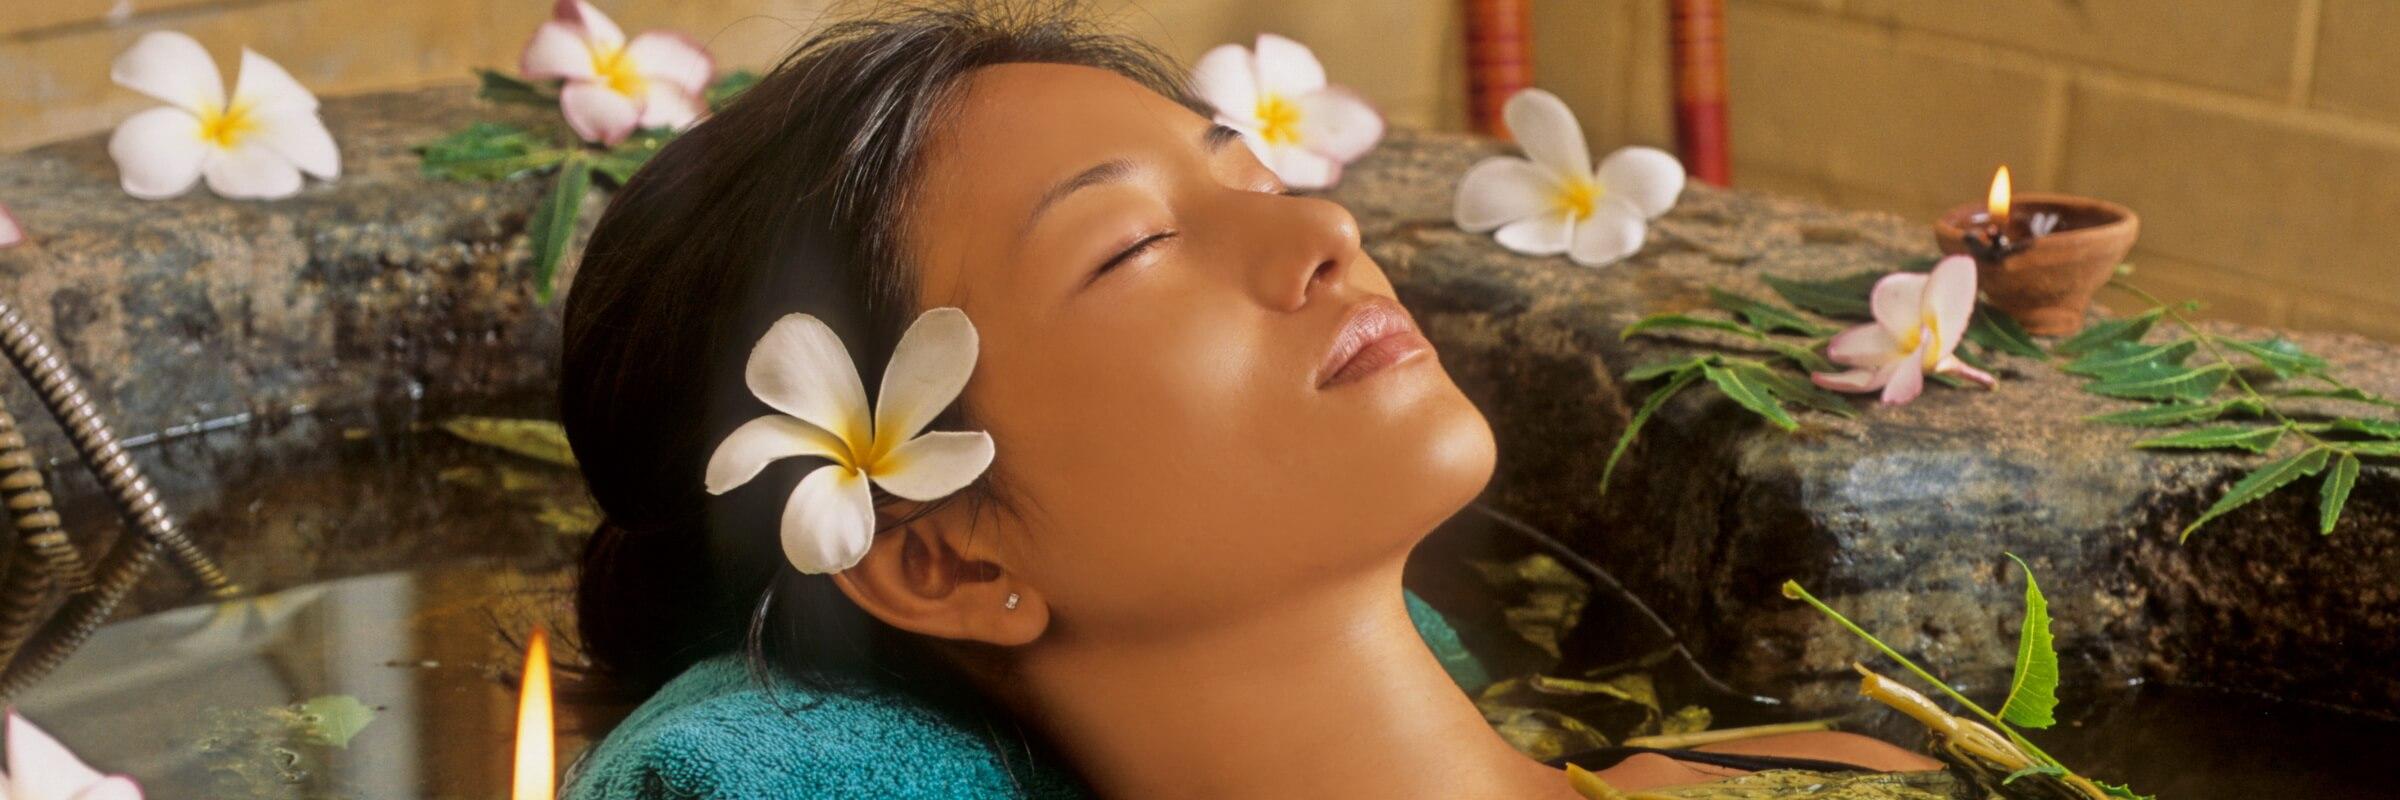 Ein ayurvedisches Kräuterbad stimuliert Geist und Körper und bewirkt ein belebendes und frisches Hautgefühl.